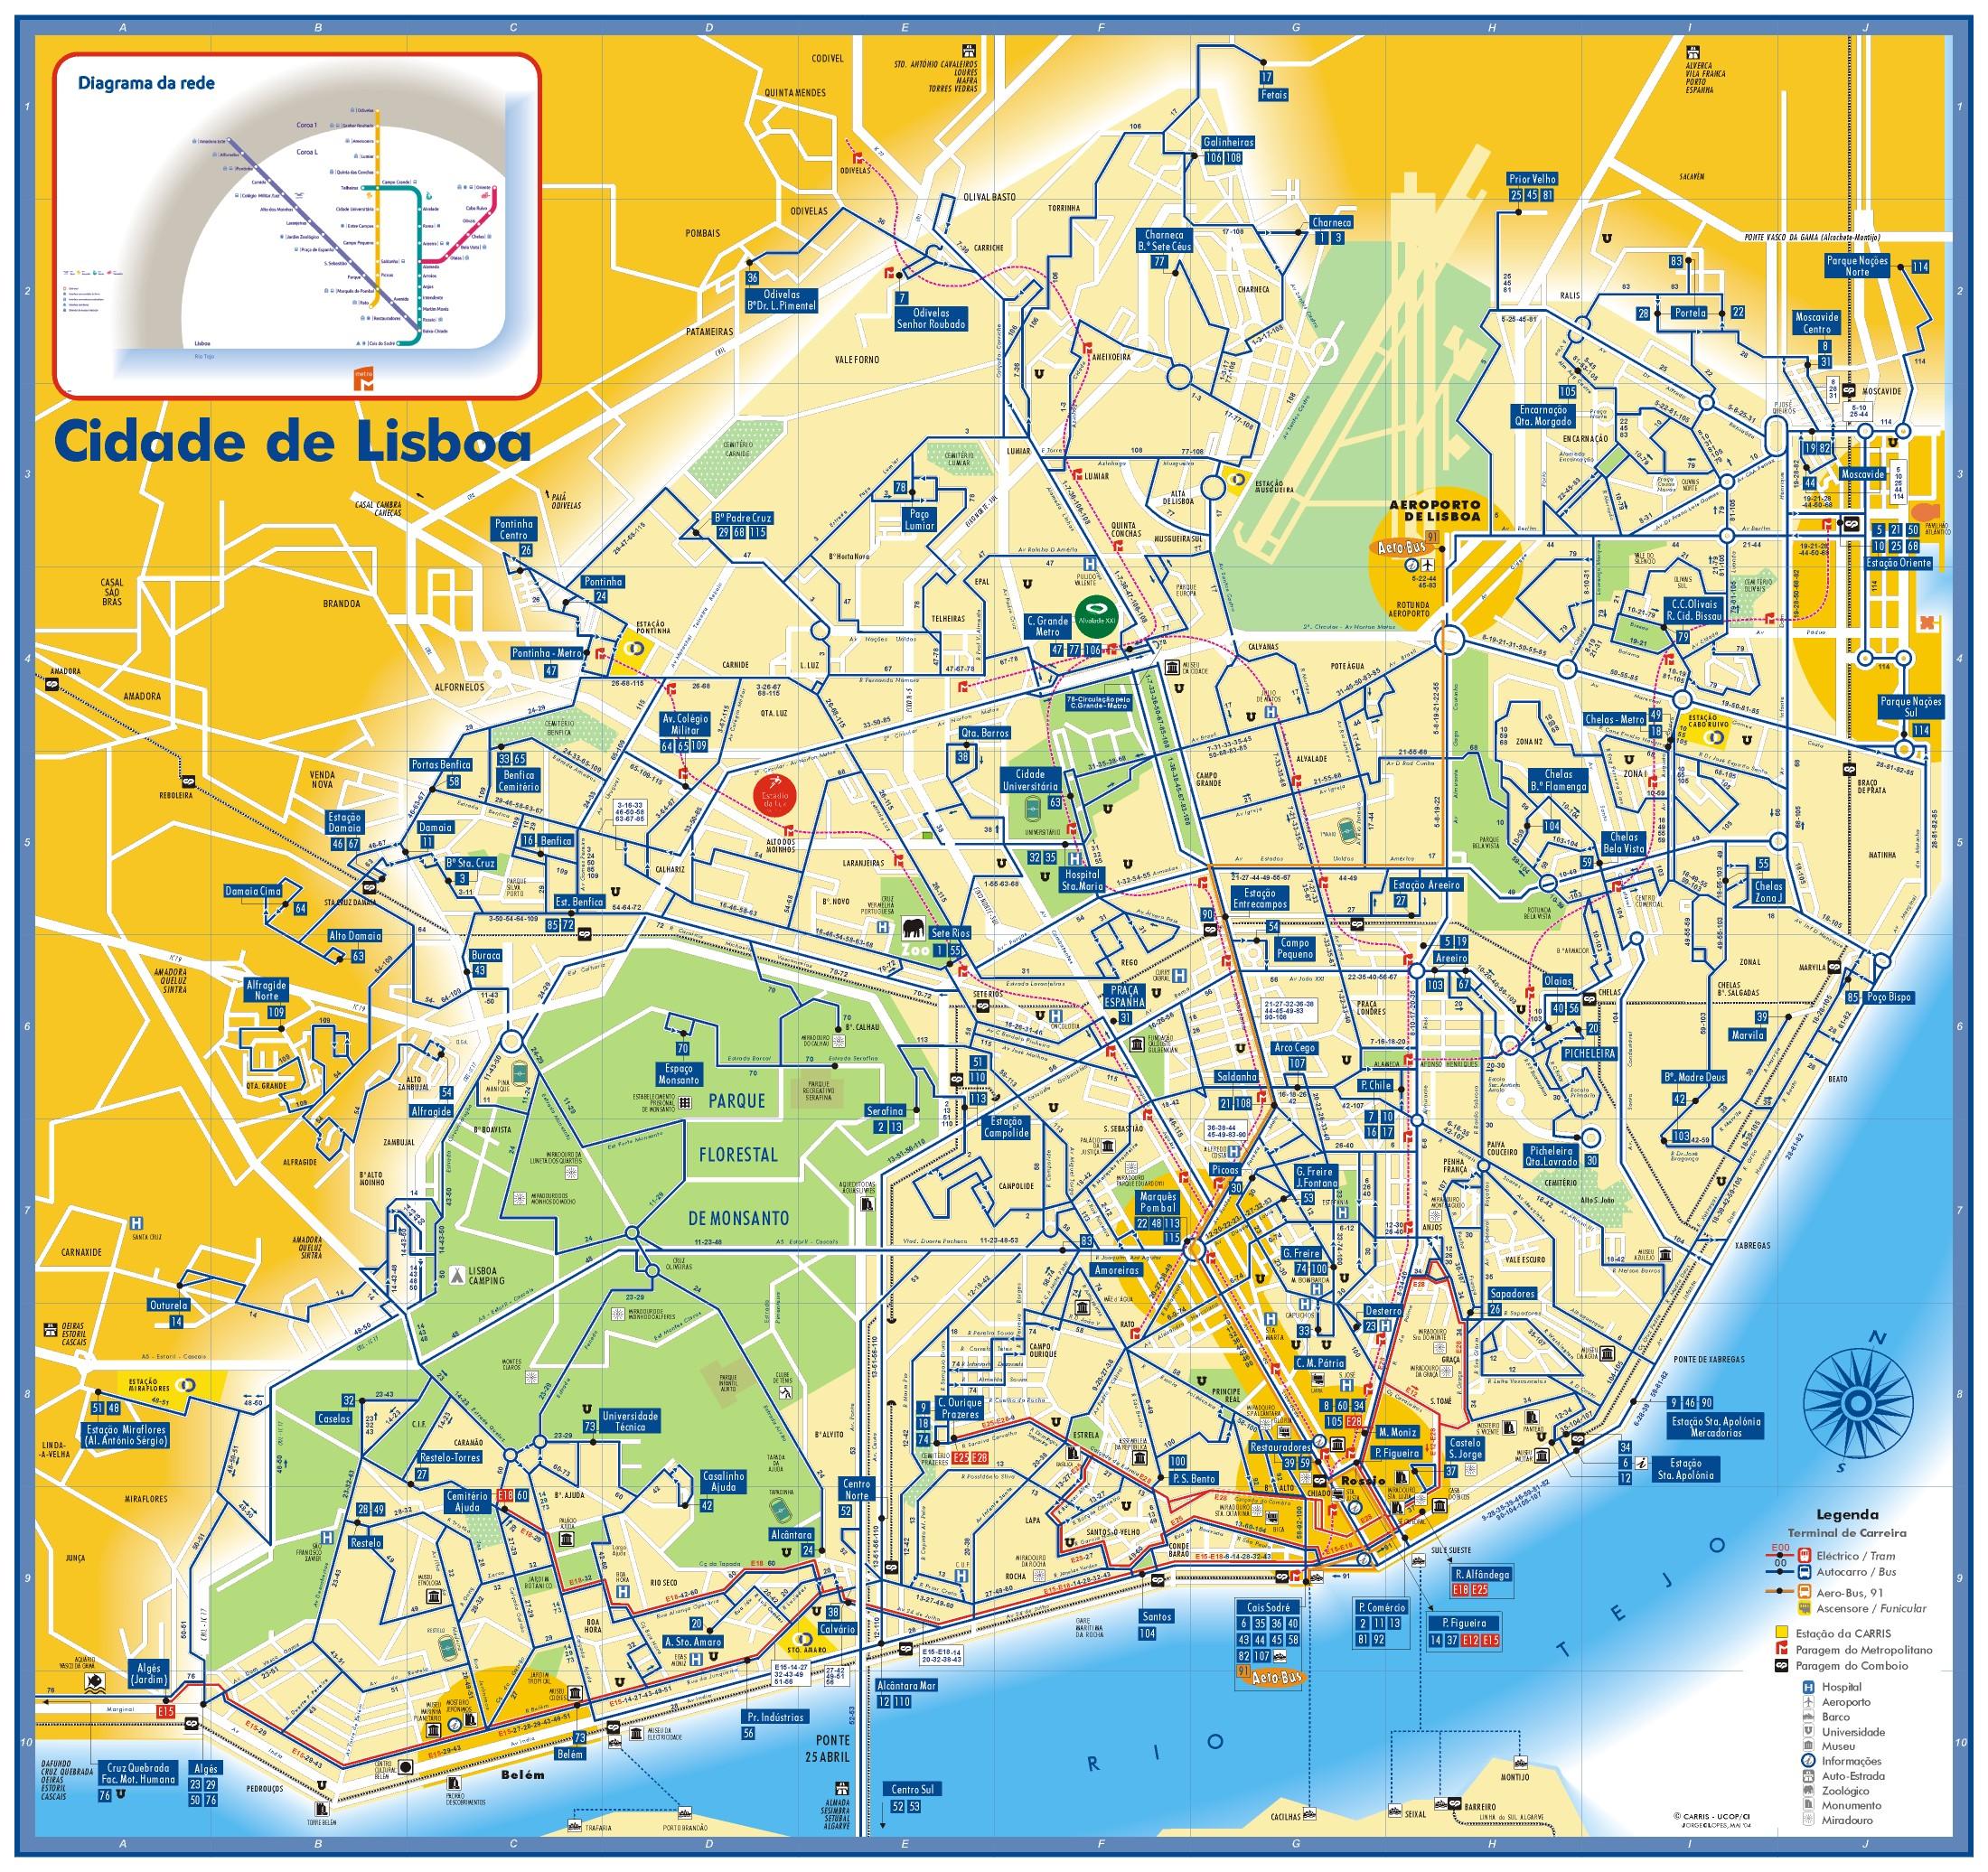 pontos turisticos lisboa mapa Mapa turístico de Lisboa para imprimir   Viajar Lisboa pontos turisticos lisboa mapa